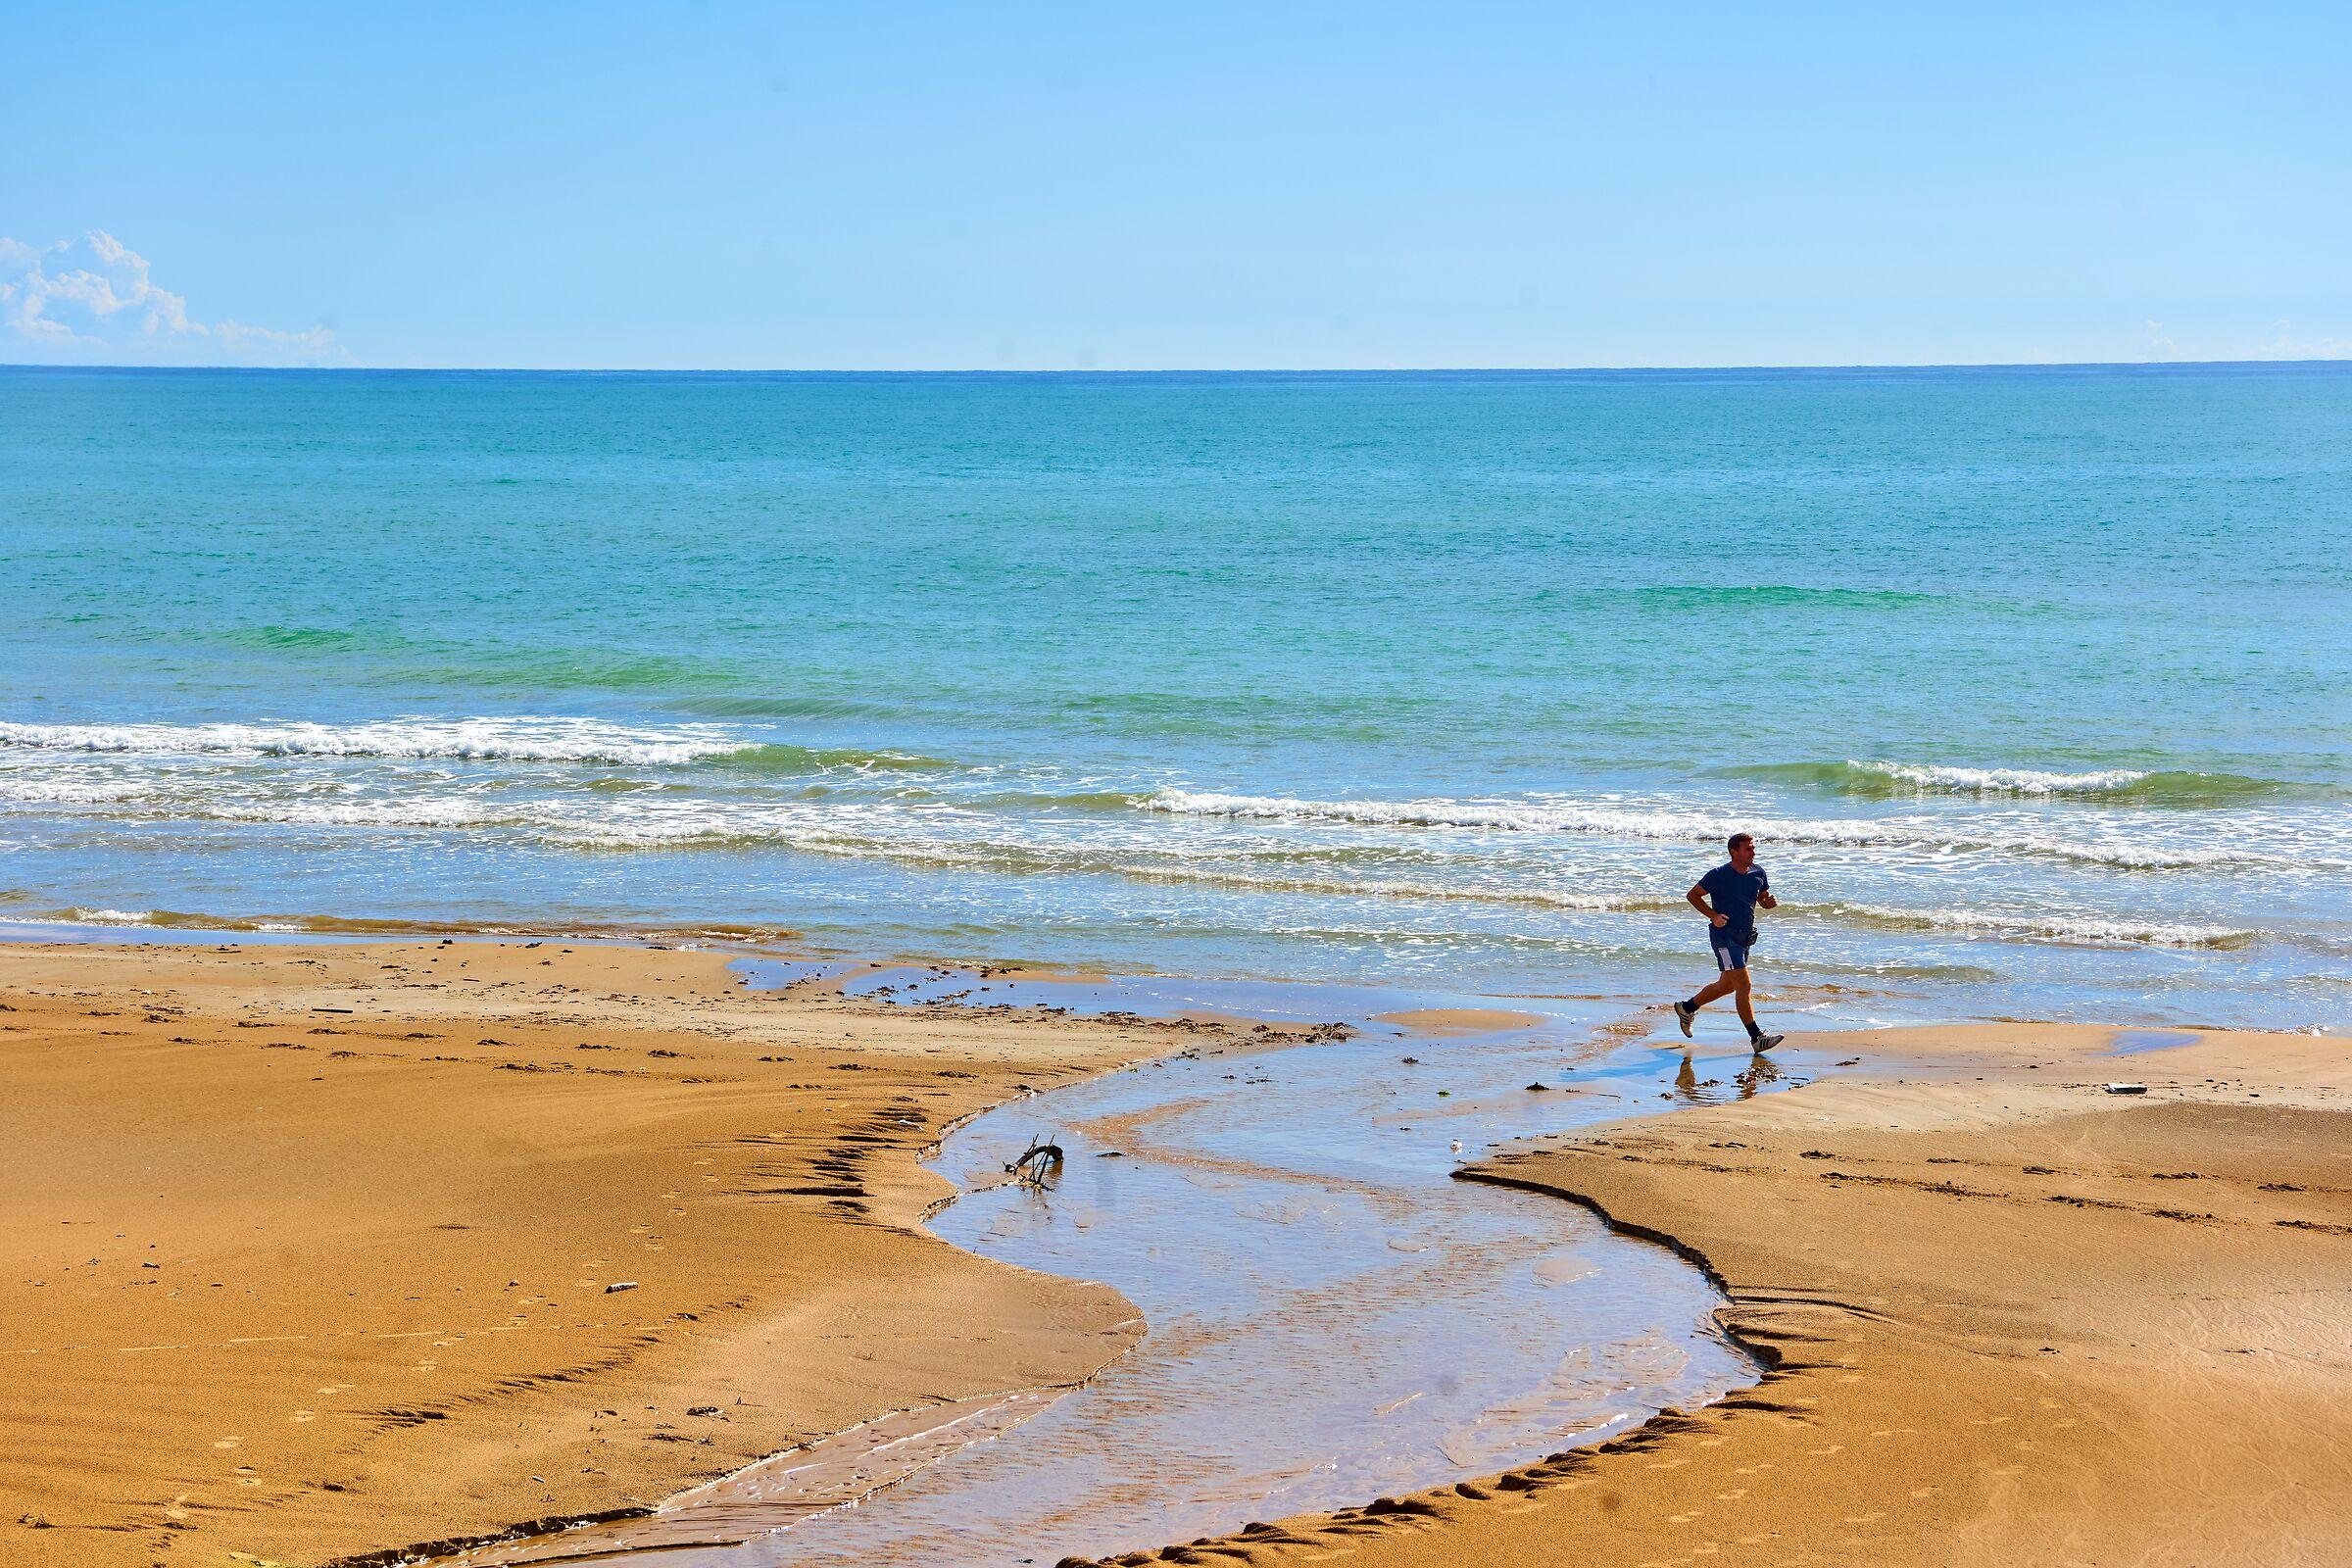 Spiaggia di Tre Fontane, dopo la pioggia...